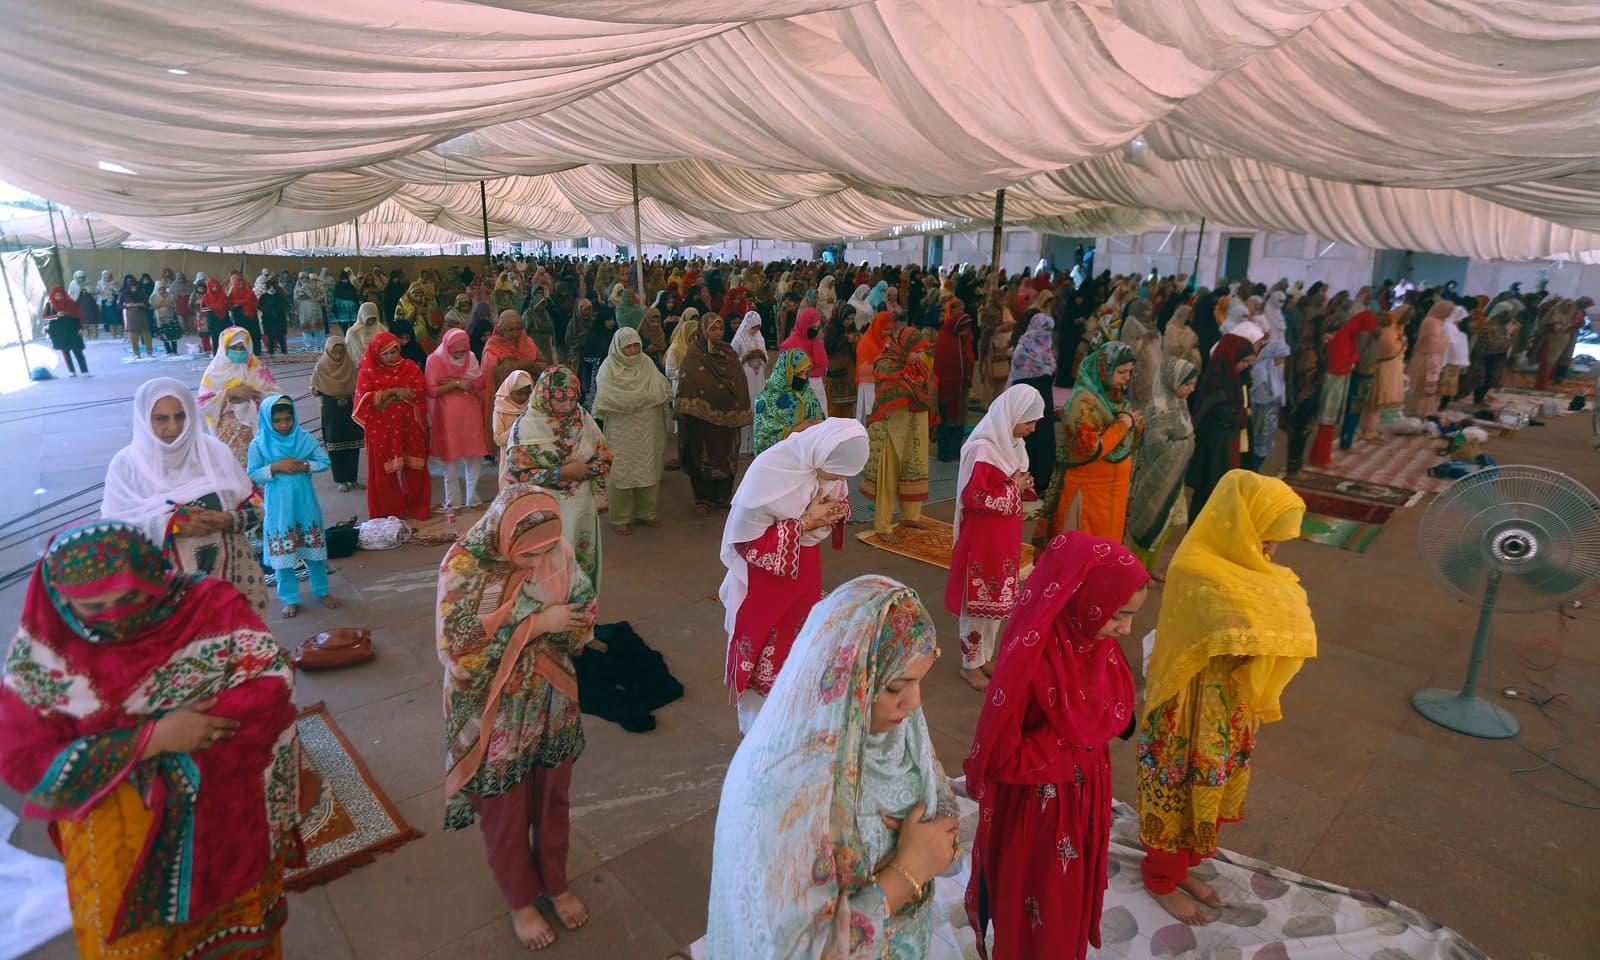 لاہور کی ایک عیدگاہ میں خواتین کے لیے نماز عید کا خصوصی اہتمام کیا گیا جس میں سماجی فاصلے کی پابندی بھی یقینی بنائی گئی— فوٹو: اے پی